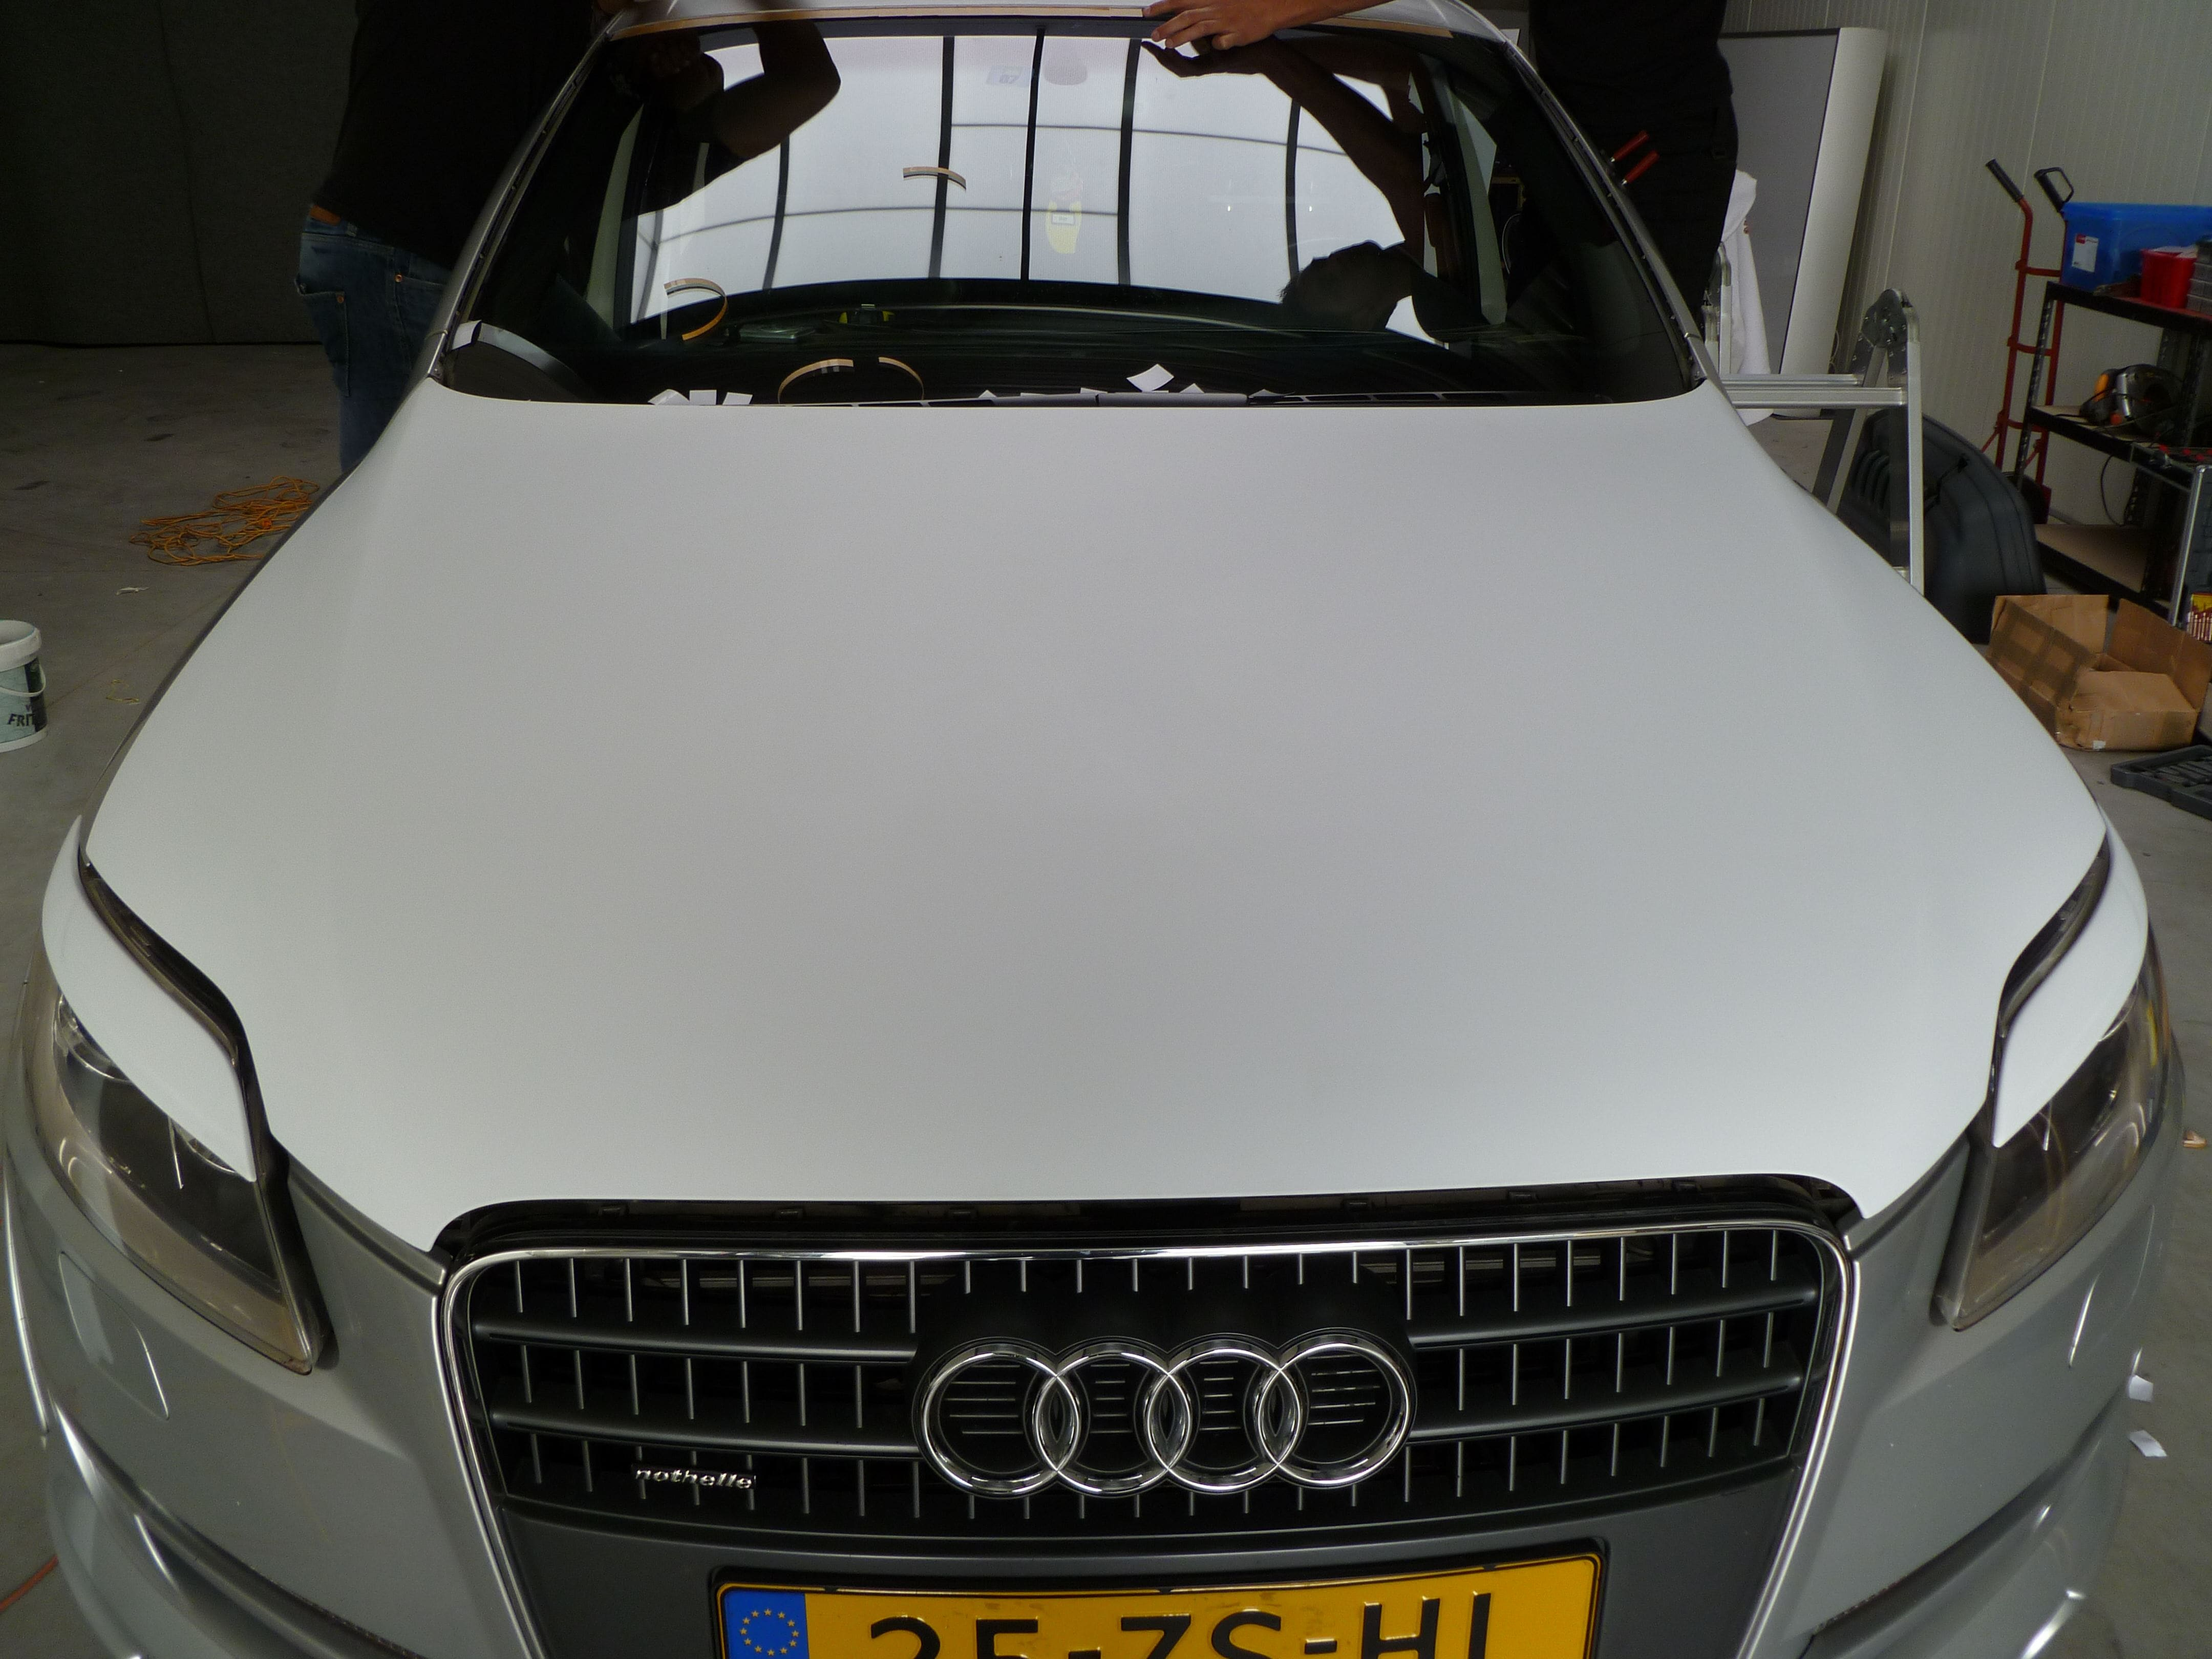 Audi Q7 met Mat Witte Wrap, Carwrapping door Wrapmyride.nu Foto-nr:4968, ©2021